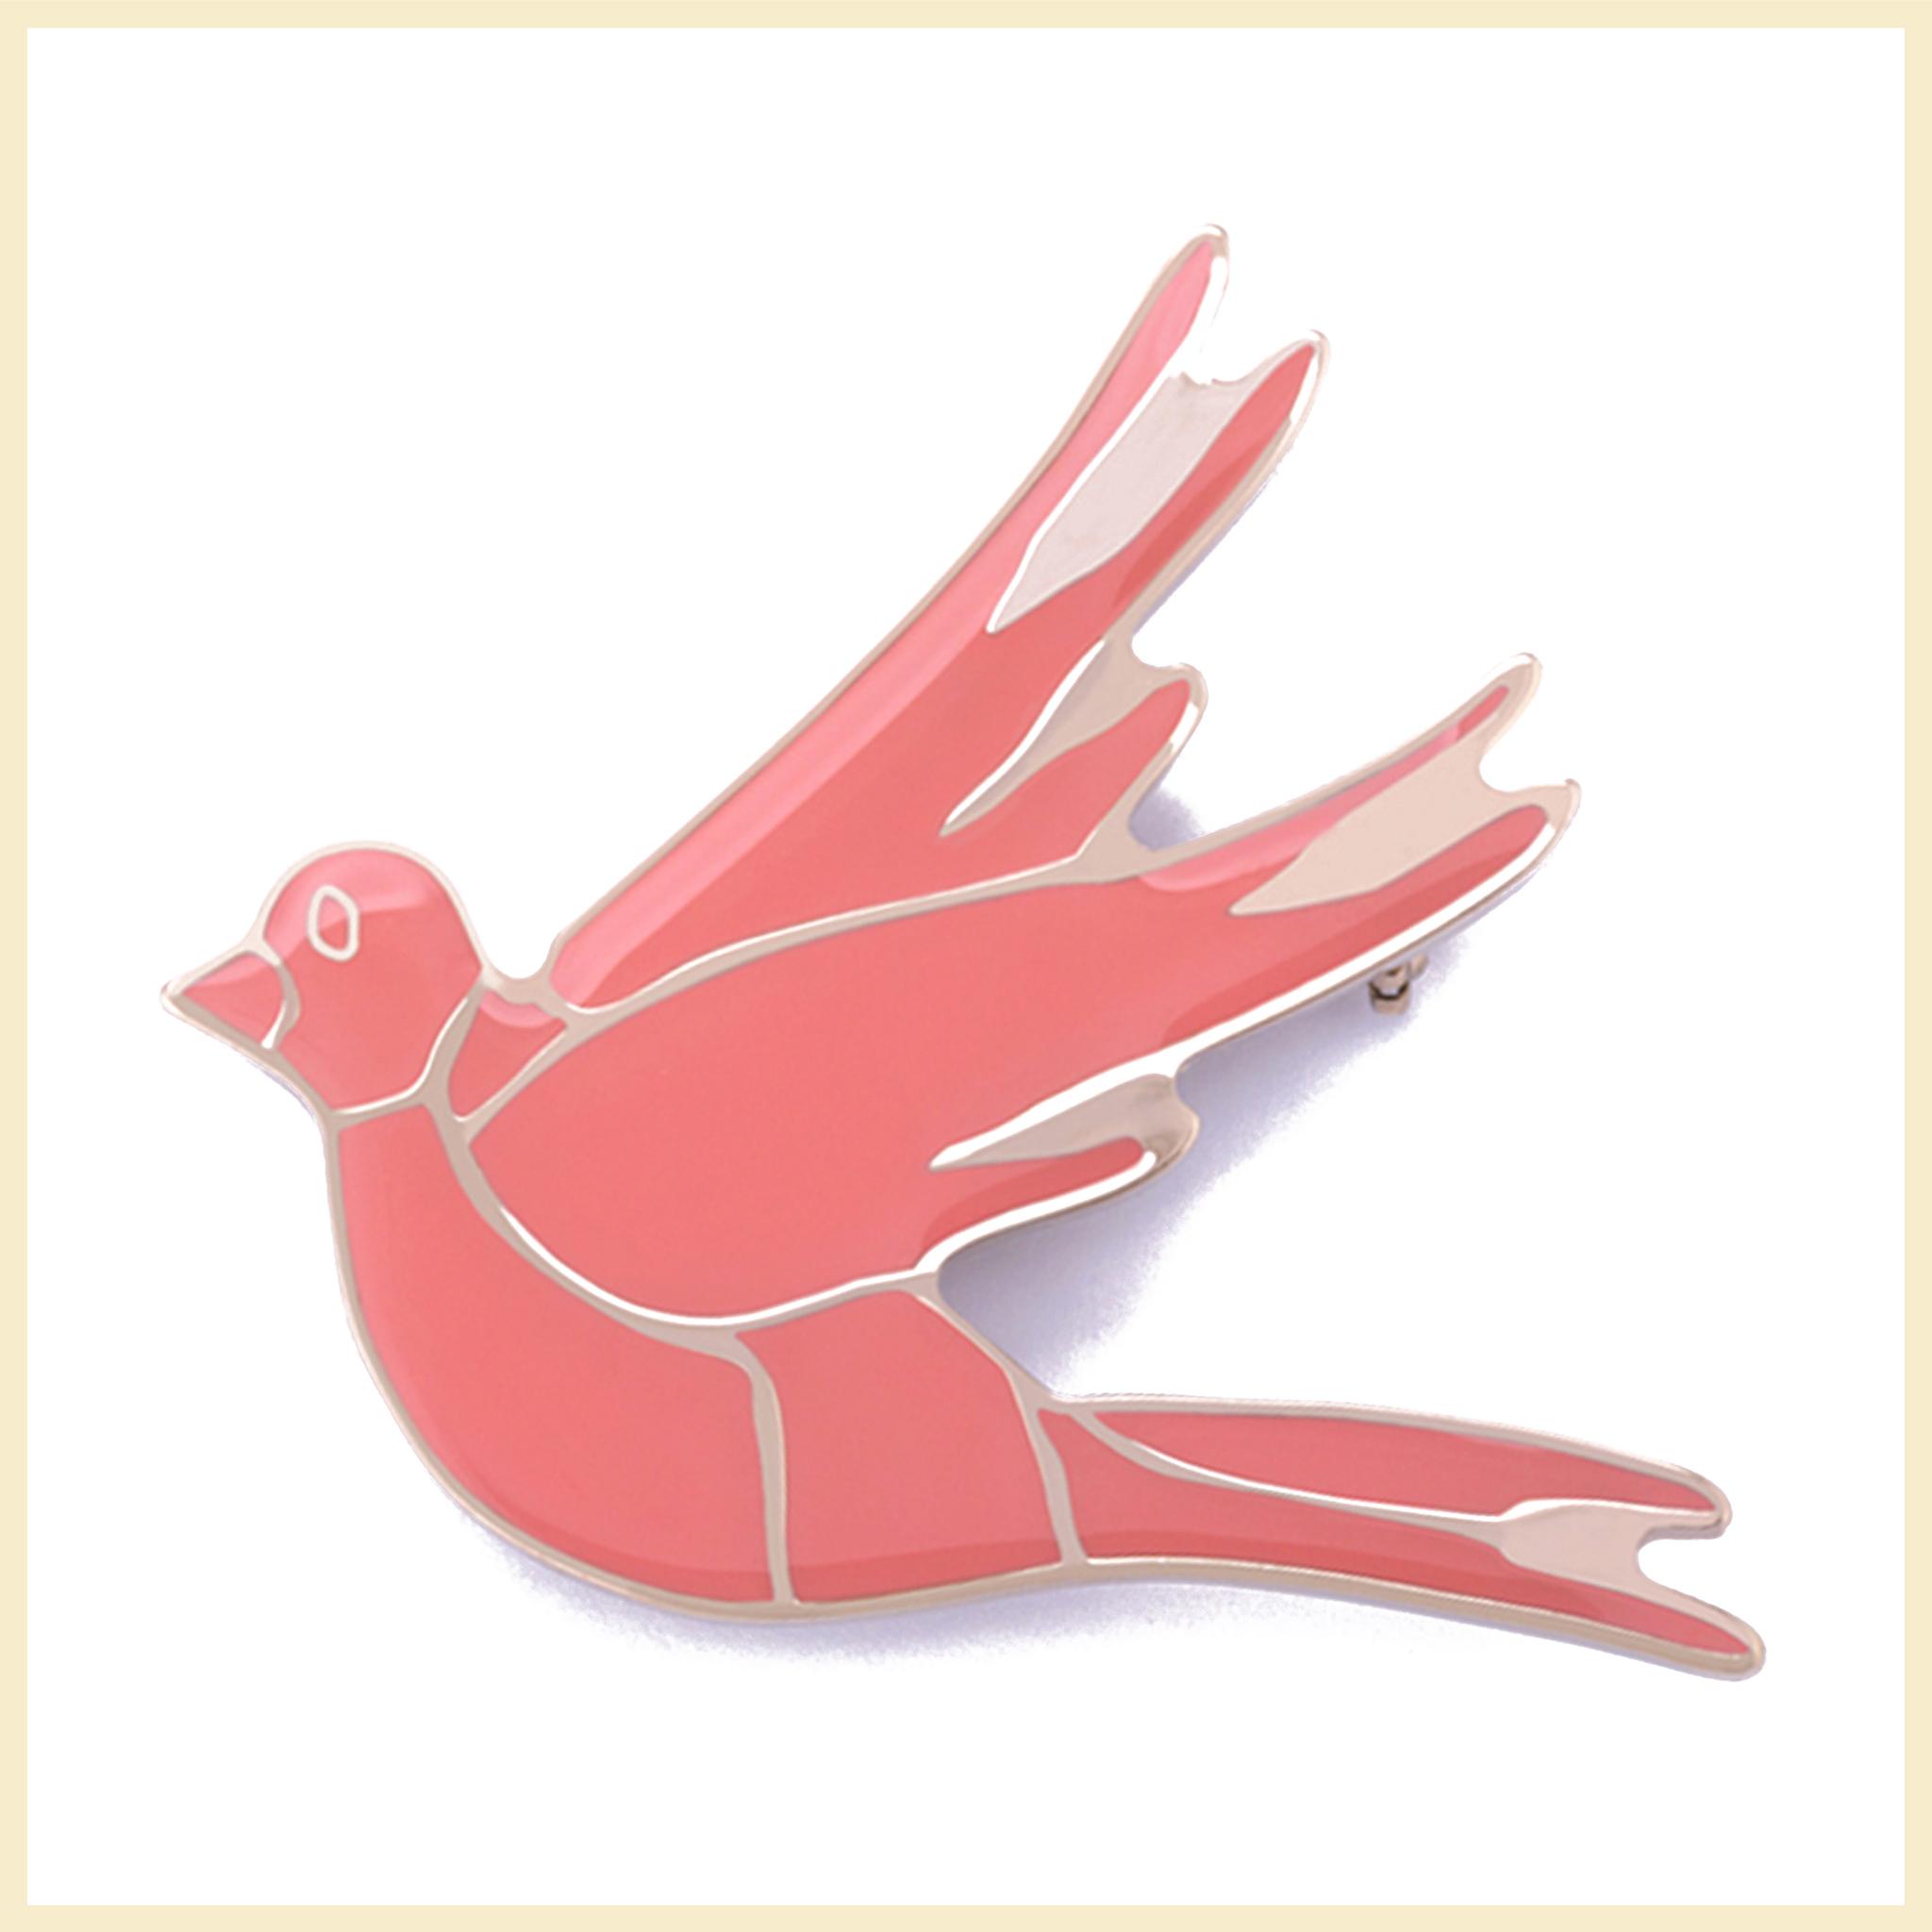 pink-bird-brooch-cordien-bijoux-jewel-1.jpg